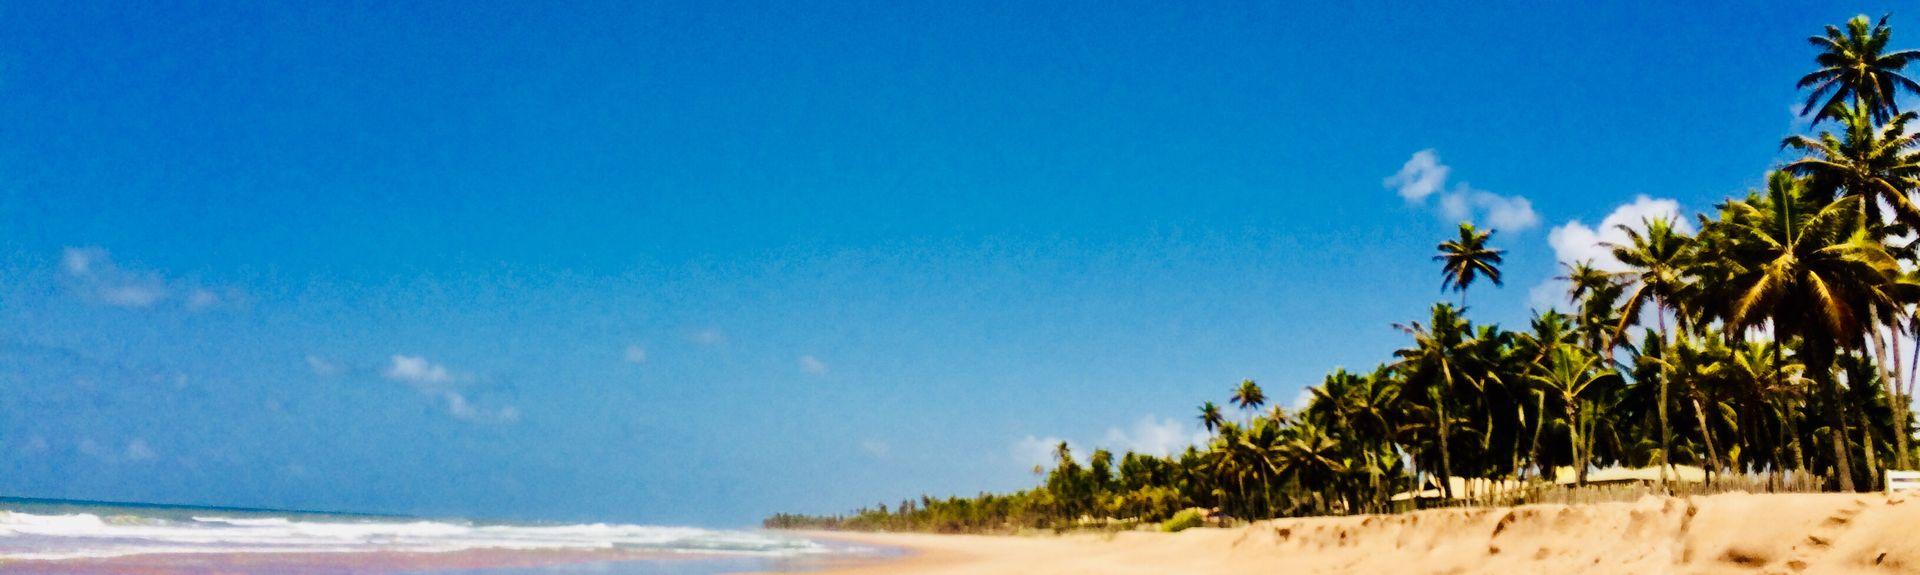 Jaua Beach, Camaçari, State of Bahia, BR